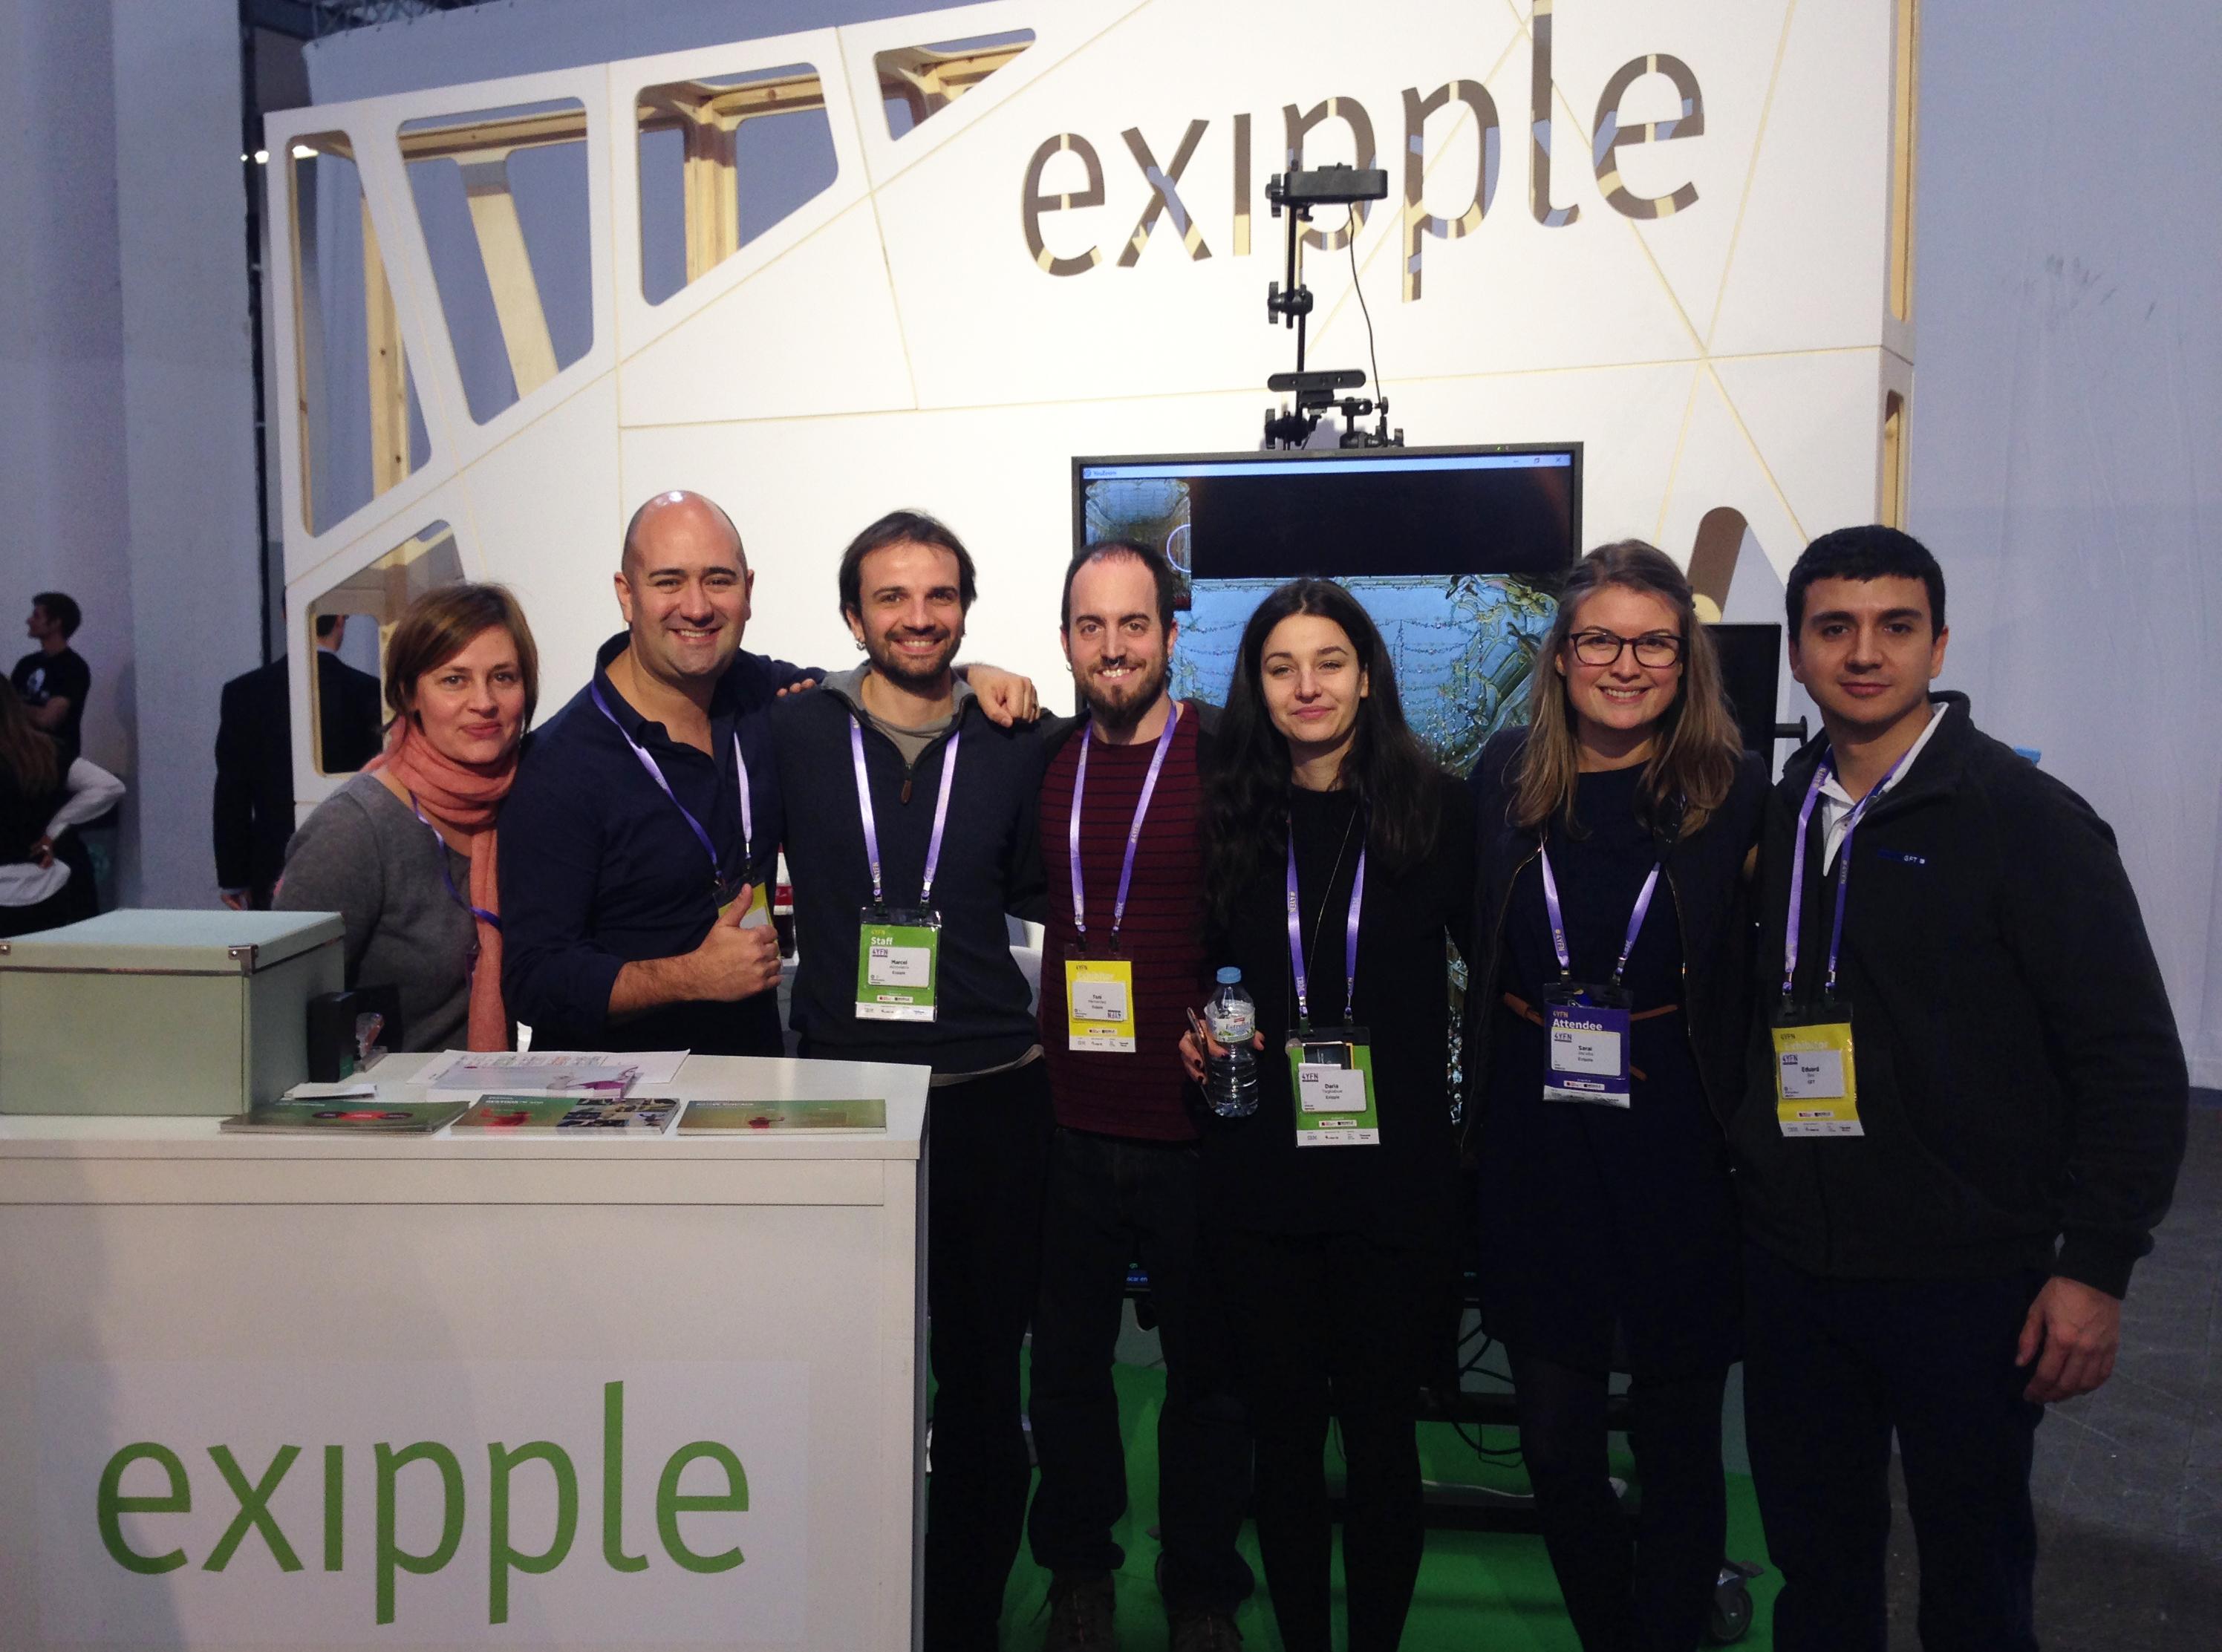 Eduard Bru de GFT con el equipo de Exipple Studio